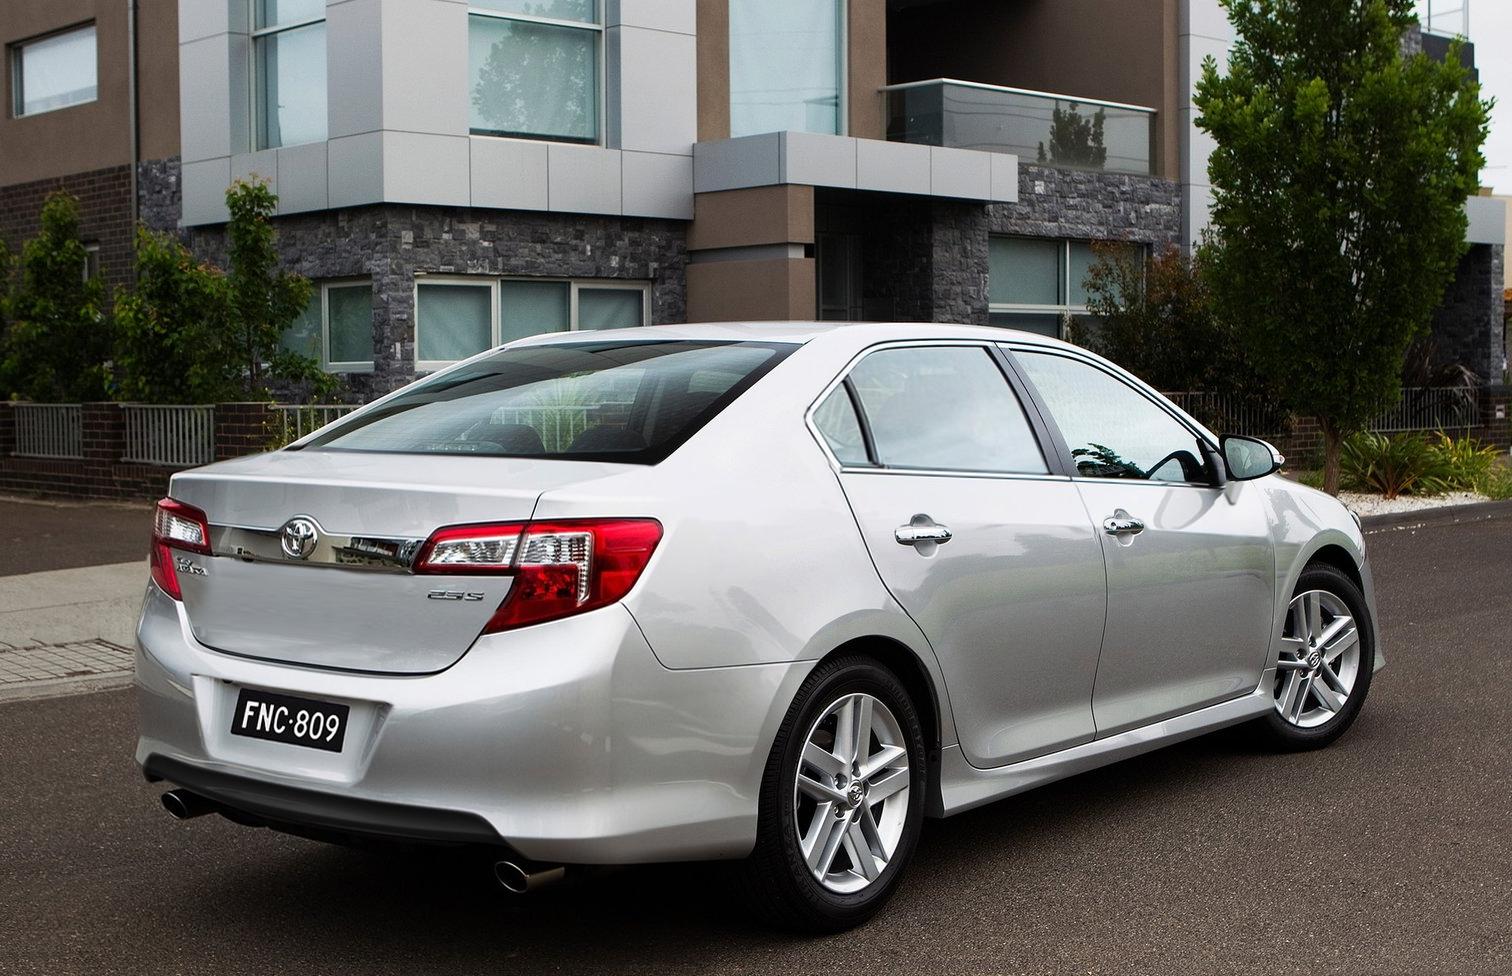 NOVO COROLLA 2014 - Baseado no Toyota Furia